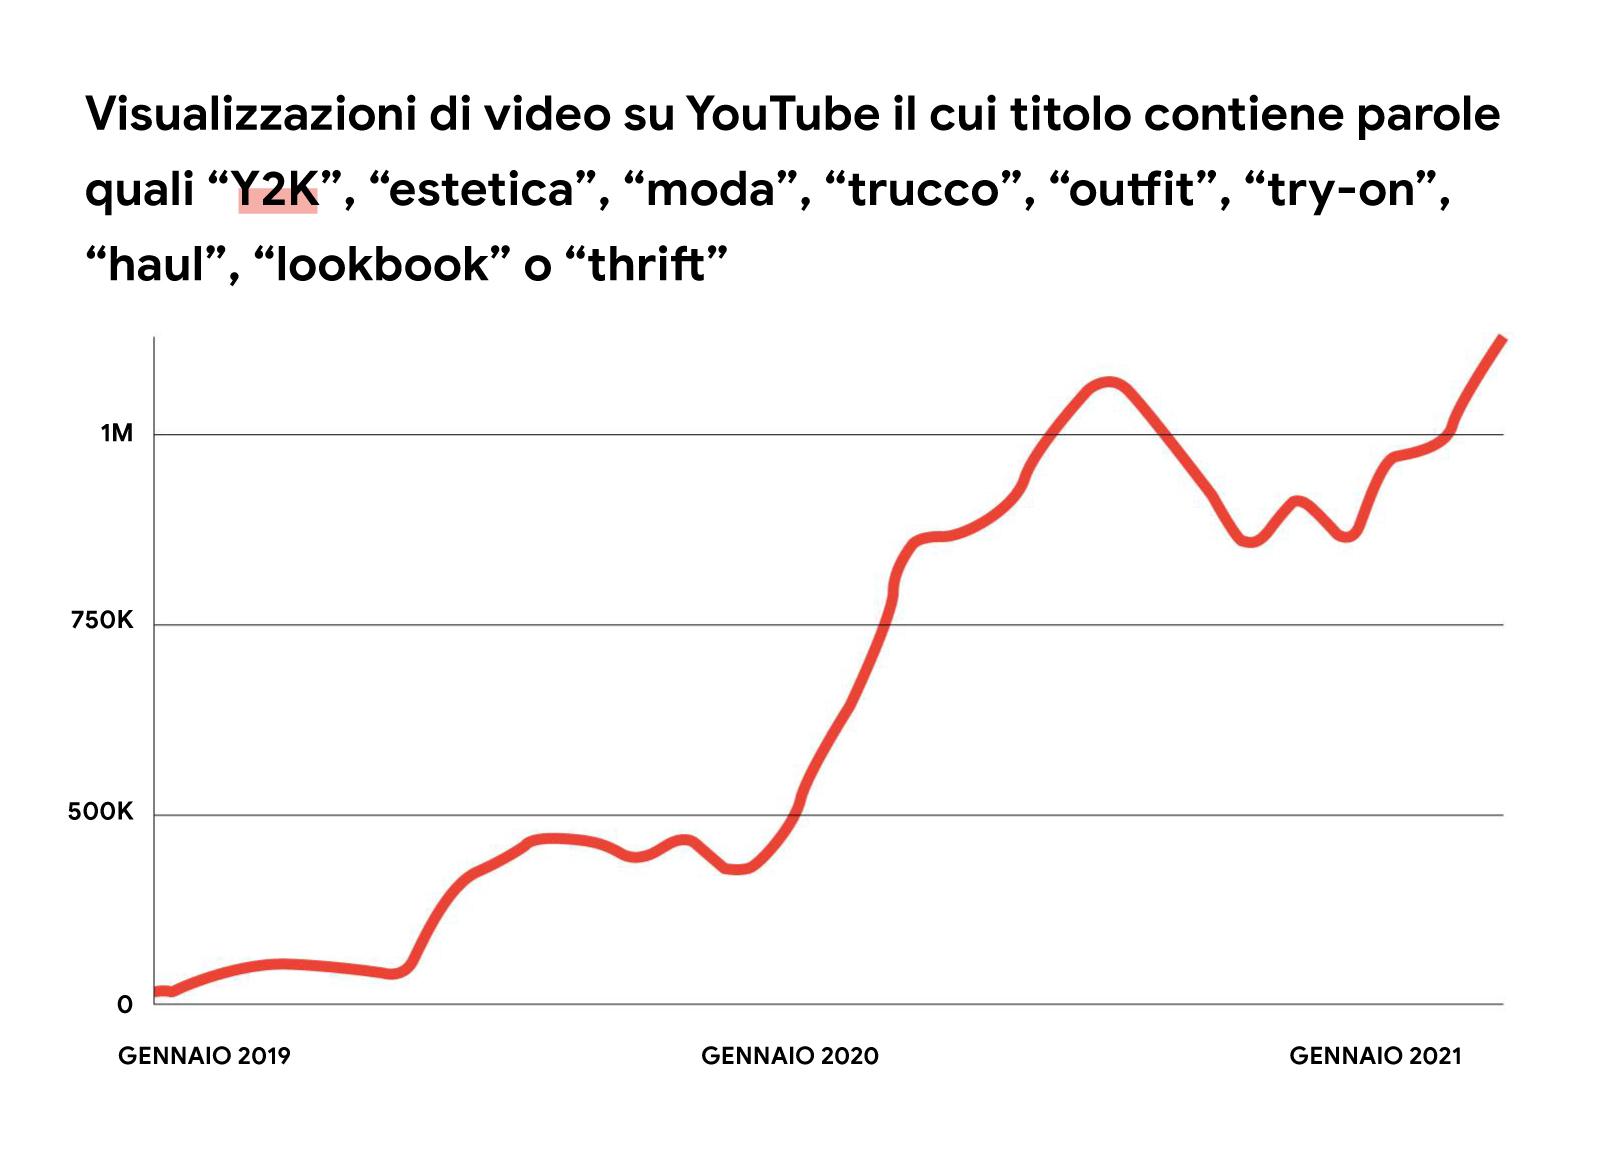 """Un'immagine illustrata di un grafico a linee rosse che mostra l'aumento delle visualizzazioni mensili dei video di YouTube il cui titolo contiene parole quali """"Y2K"""", """"estetica"""", """"moda"""", """"trucco"""", """"outfit"""", """"try-on"""", """"haul"""", """"lookbook"""" o """"thrift"""", da genna"""